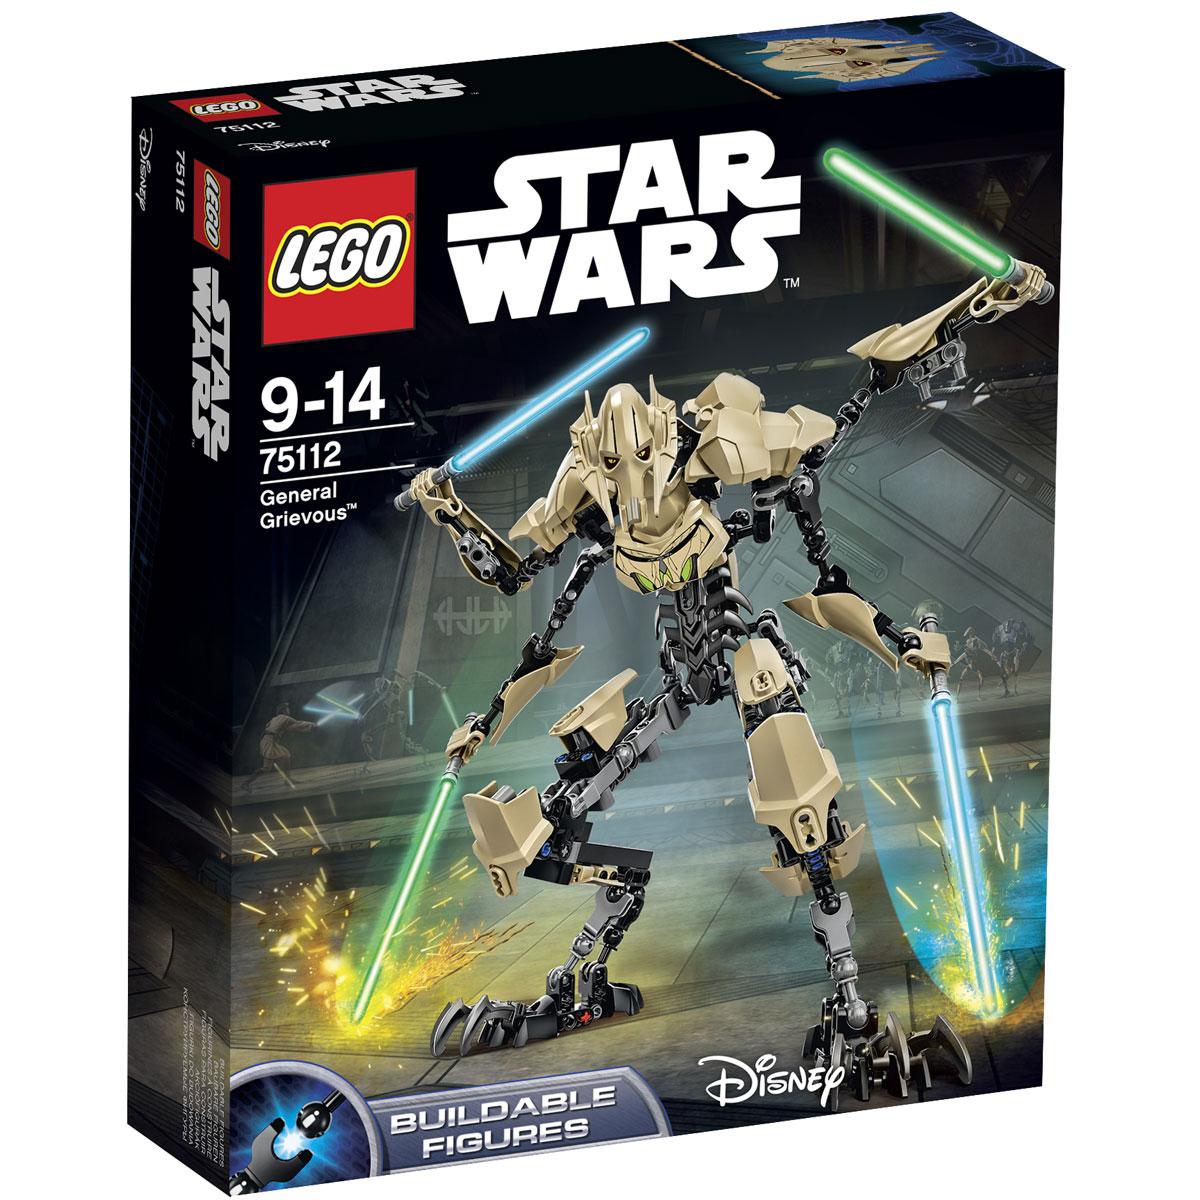 LEGO Star Wars Конструктор Генерал Гривус 7511275112Конструктор LEGO Генерал Гривус станет отличным подарком фанатам Звездных войн! Генерал Гривус известен как верховный главнокомандующий Армией дроидов Конфедерации Независимых Систем во времена Войн клонов. Но, мало кто помнит, что изначально Гривус не был исполнителем приказов графа Дуку, а героически сражался за свободу своего порабощённого народа на планете Кали. Своим бесстрашием и фанатичной жаждой отмщения он смог напугать многих галактических захватчиков, которые в свою очередь решили избавиться от ненавистного Гривуса раз и навсегда. На его корабле была заложена ионная бомба, которая безукоризненно сработала. Но взрыв не погубил будущего генерала, а лишь покалечил его. Граф Дуку подобрал раненого и предложил ему сделку. В обмен на верную службу сепаратистам он должен подвергнуться трансформации. Дав согласие, Гривус превратился в киборга, напоминающего собой улучшенную модель дроида. Его корпус состоял из гибкого металлического скелета, покрытого бежевыми защитными...